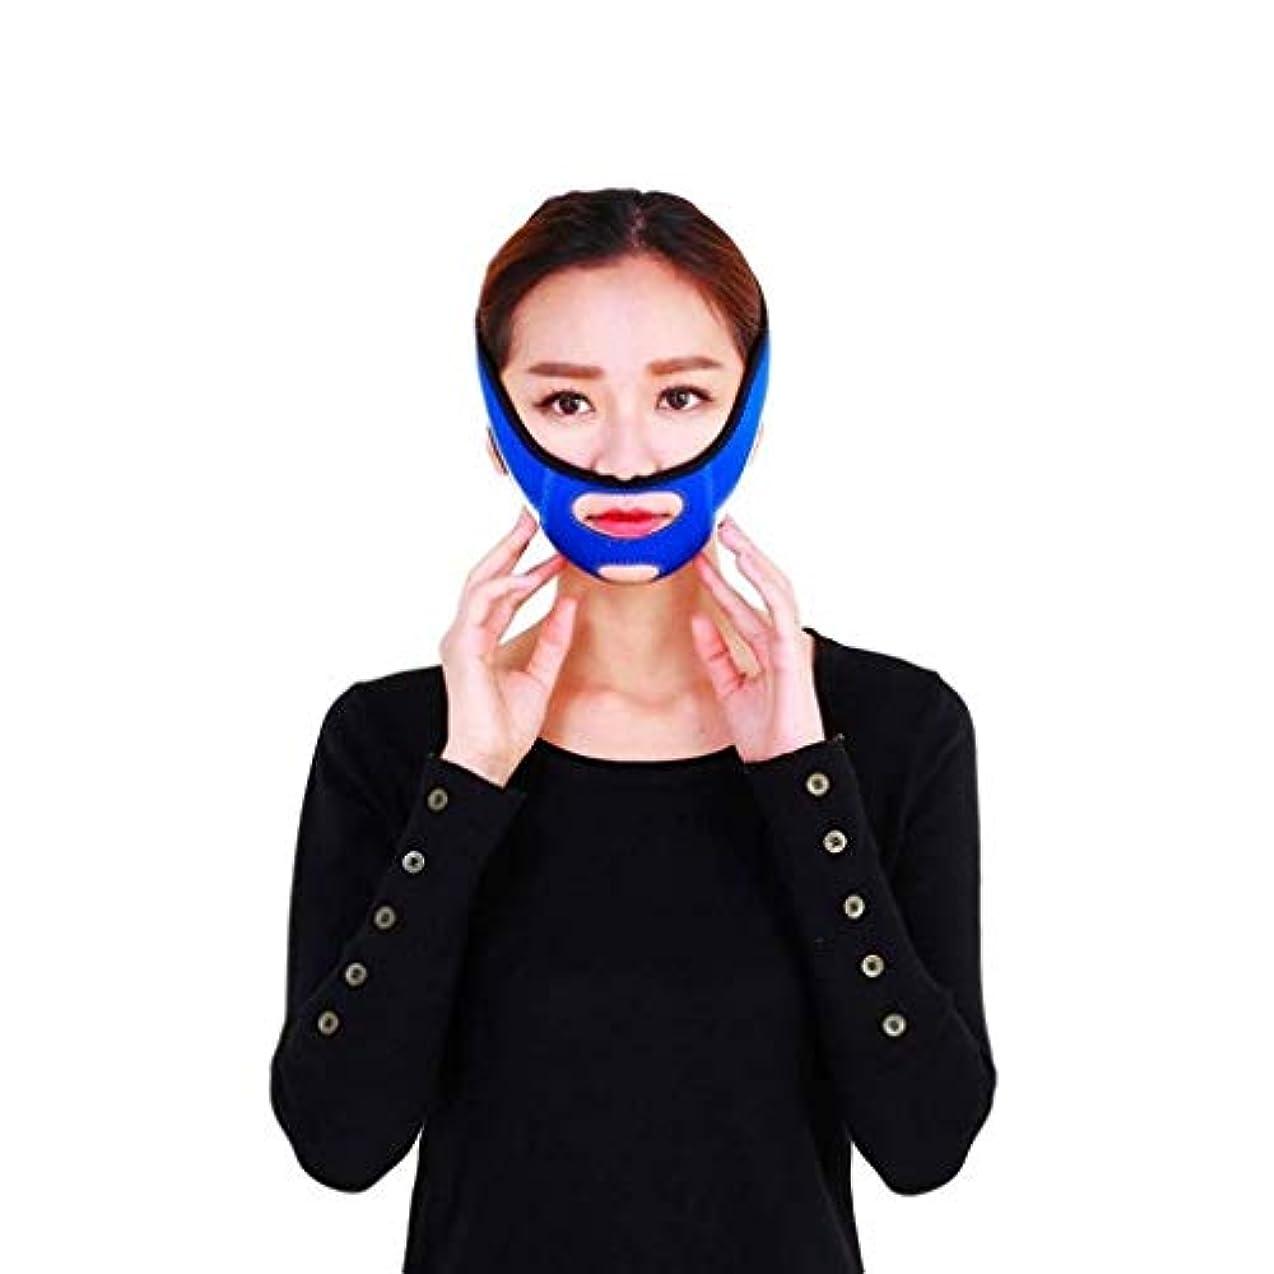 伝説用心ロッカーVフェイスラインベルトチンチークスリムリフトアップアンチリンクルマスク超薄型ストラップバンドVフェイスラインベルトストラップバンド通気性